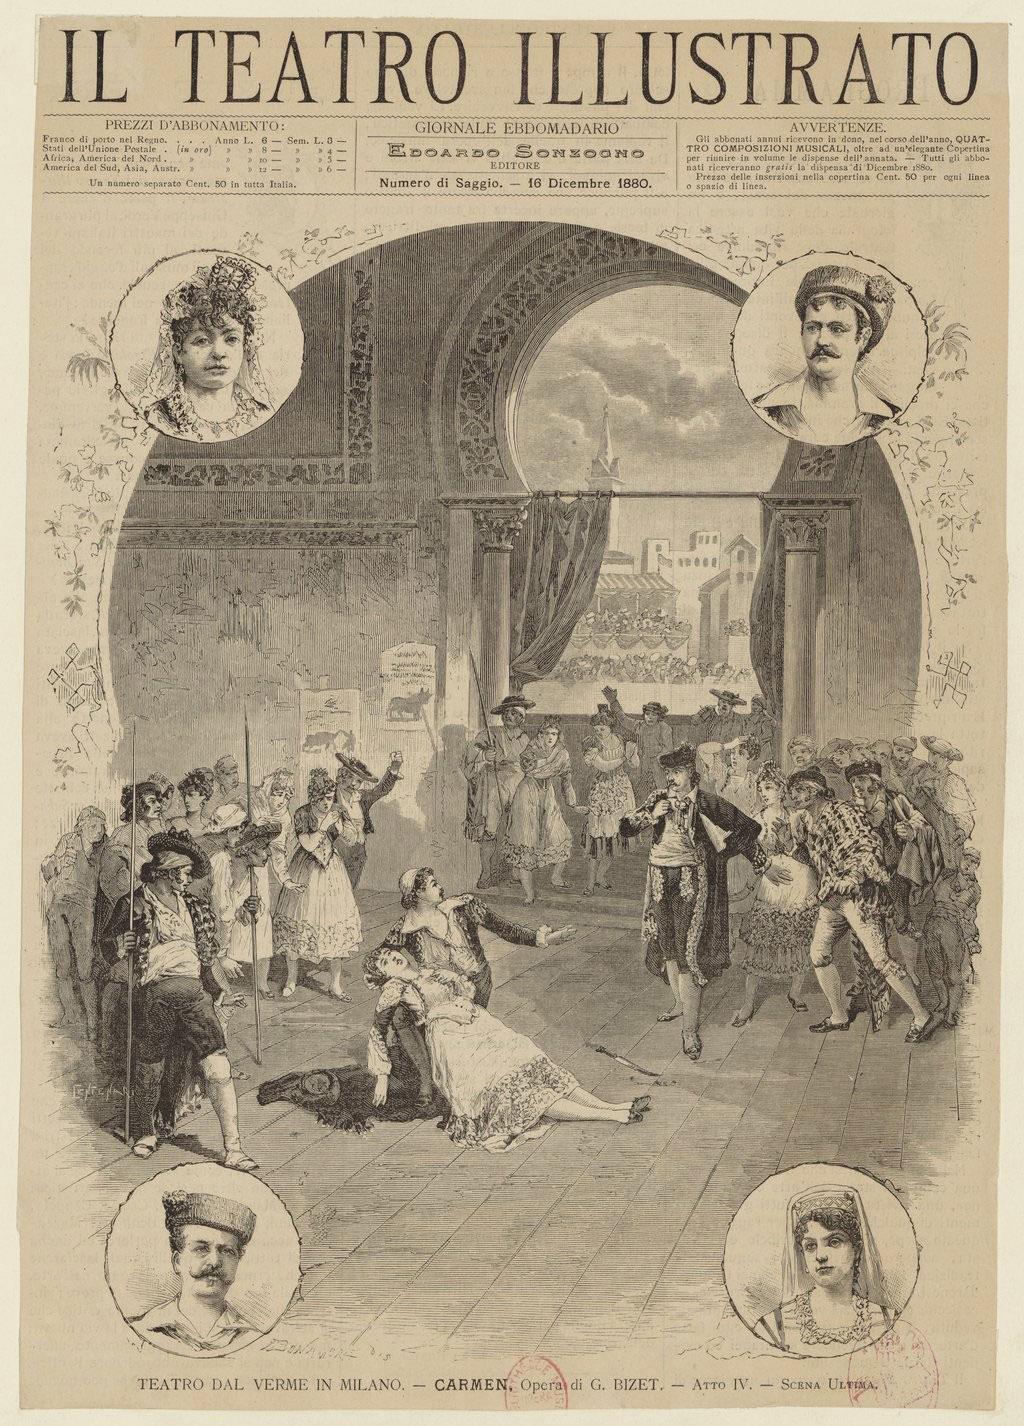 Carmen de Bizet, acte IV scène finale (estampe d'après un dessin de A. Bonamore)© Gallica-BnF